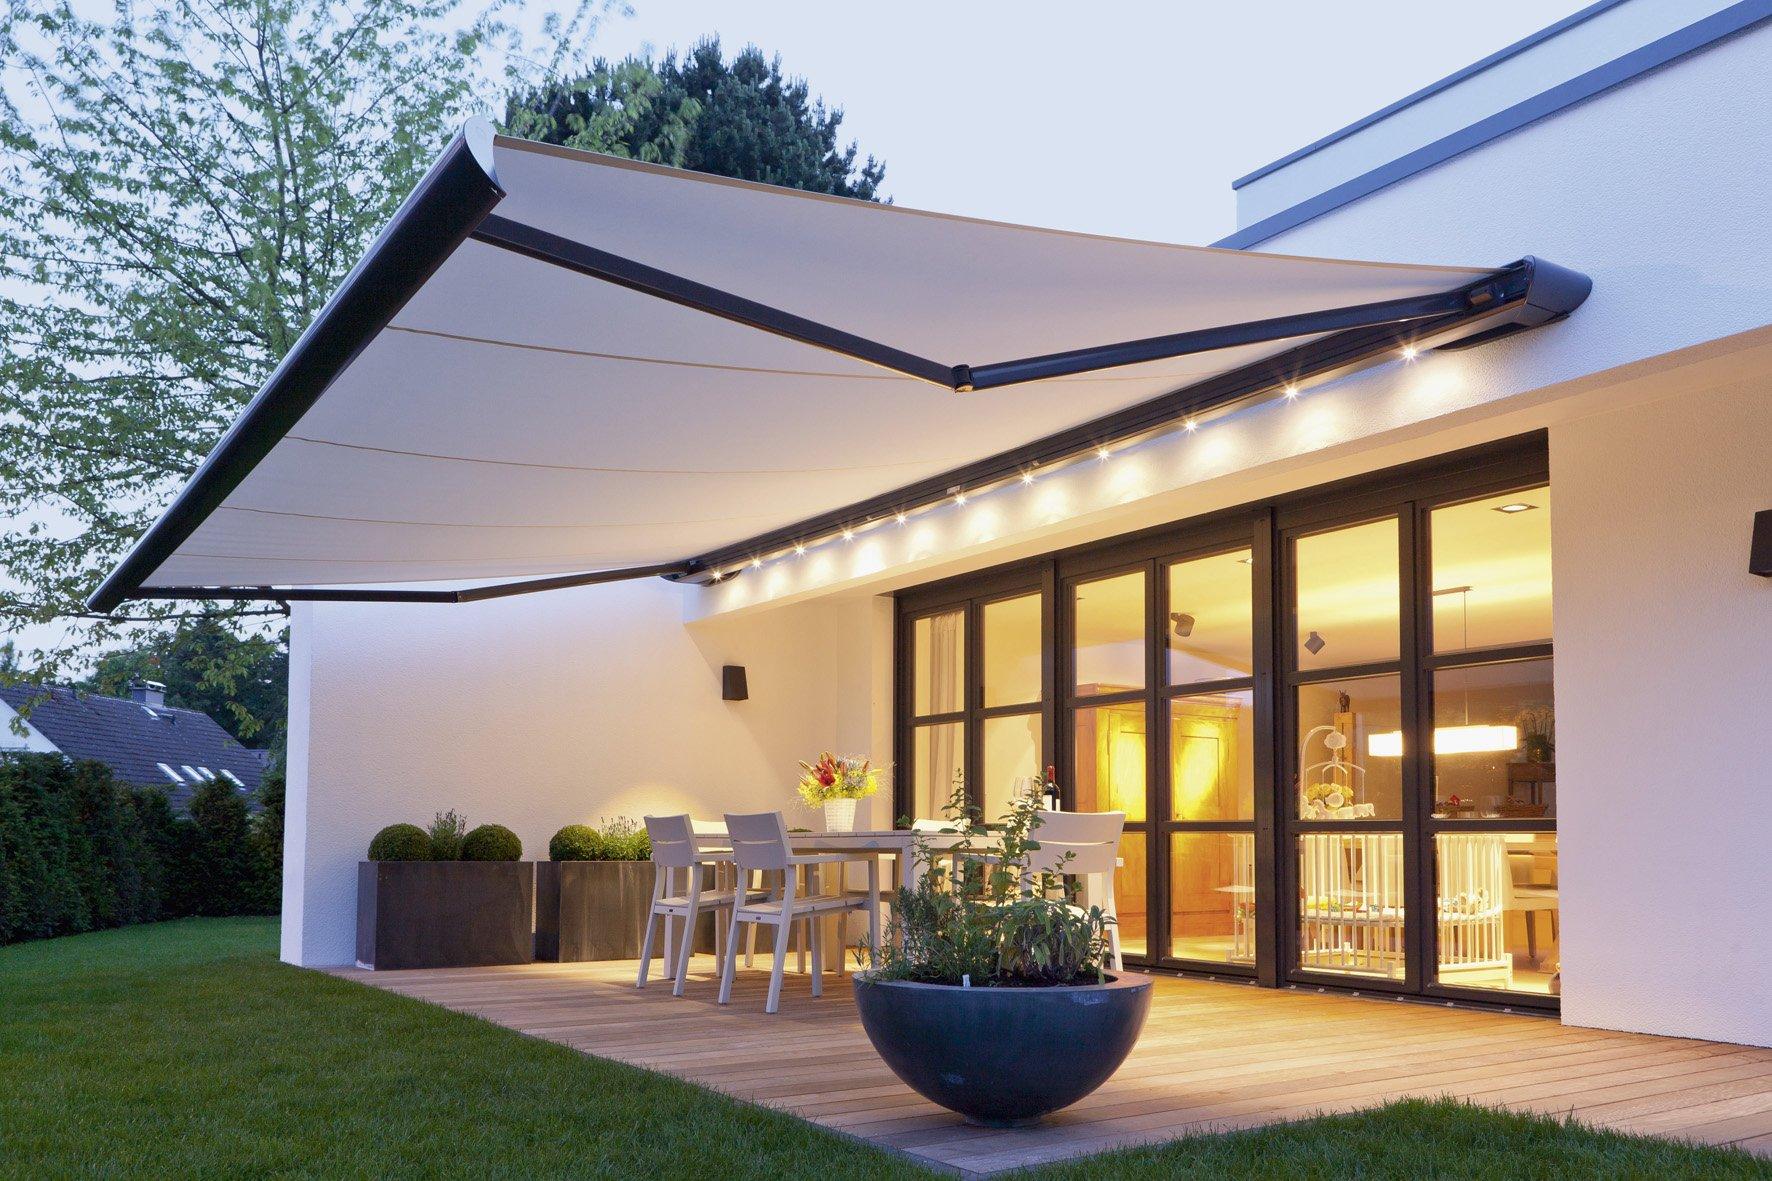 Windschutz Terrasse Glas Beweglich Terrasse windschutz glas